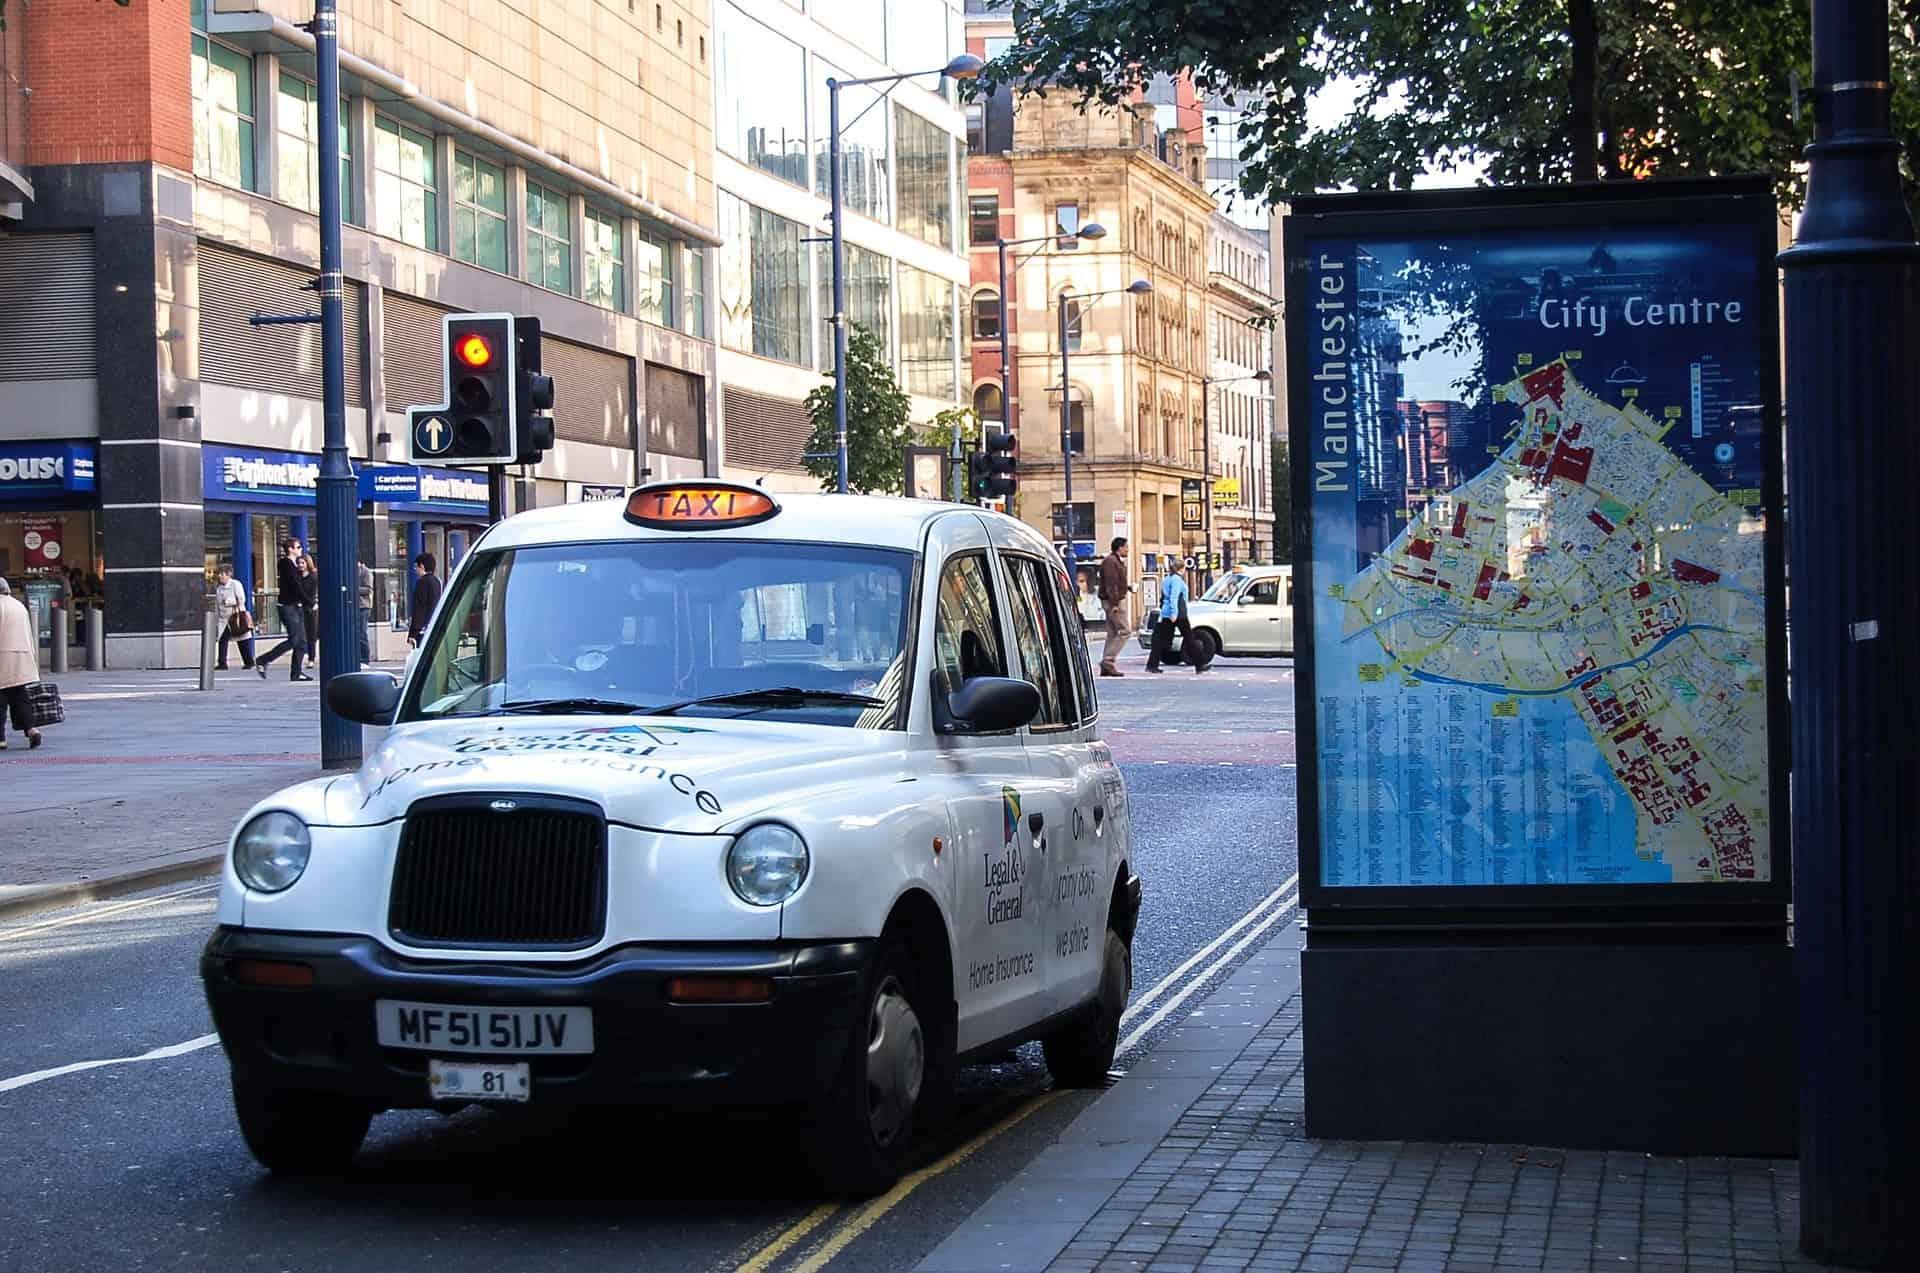 Cosa vedere a Manchester in un giorno: itinerario e tappe principali